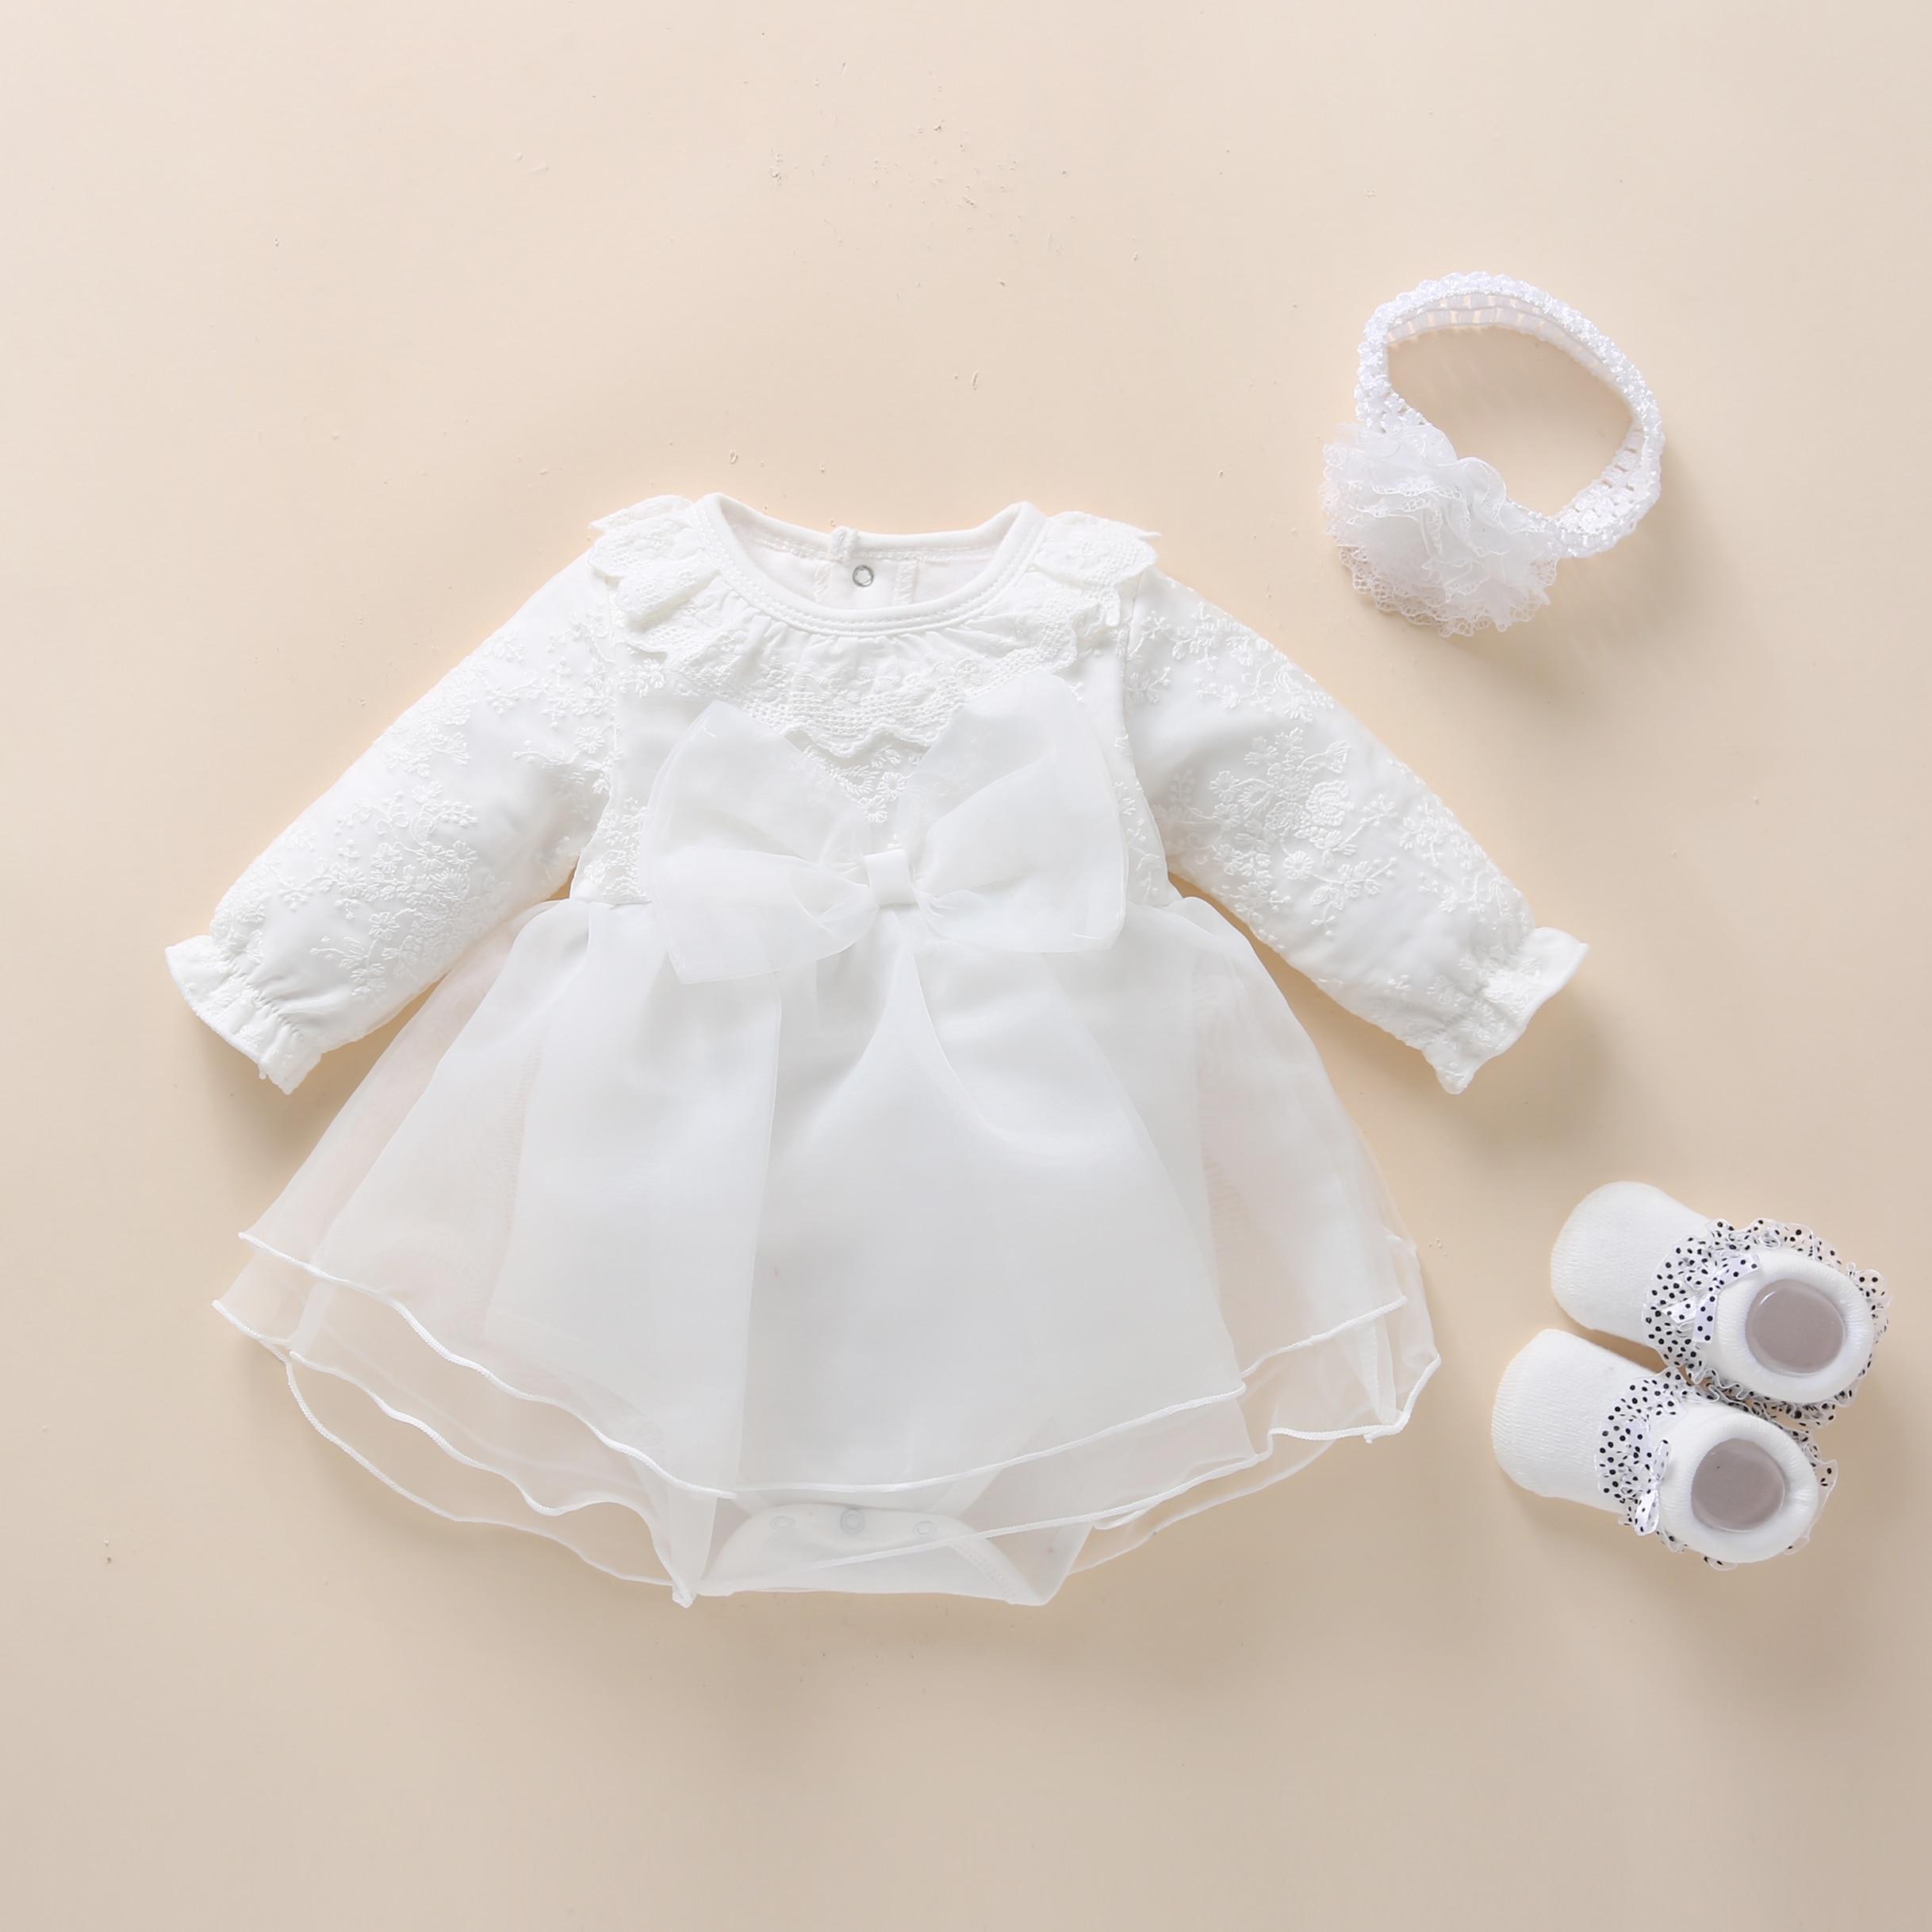 Детское платье на крестины белое платье Белоснежки для новорожденных платье на день рождения для маленьких девочек 1 год платья для крещени...